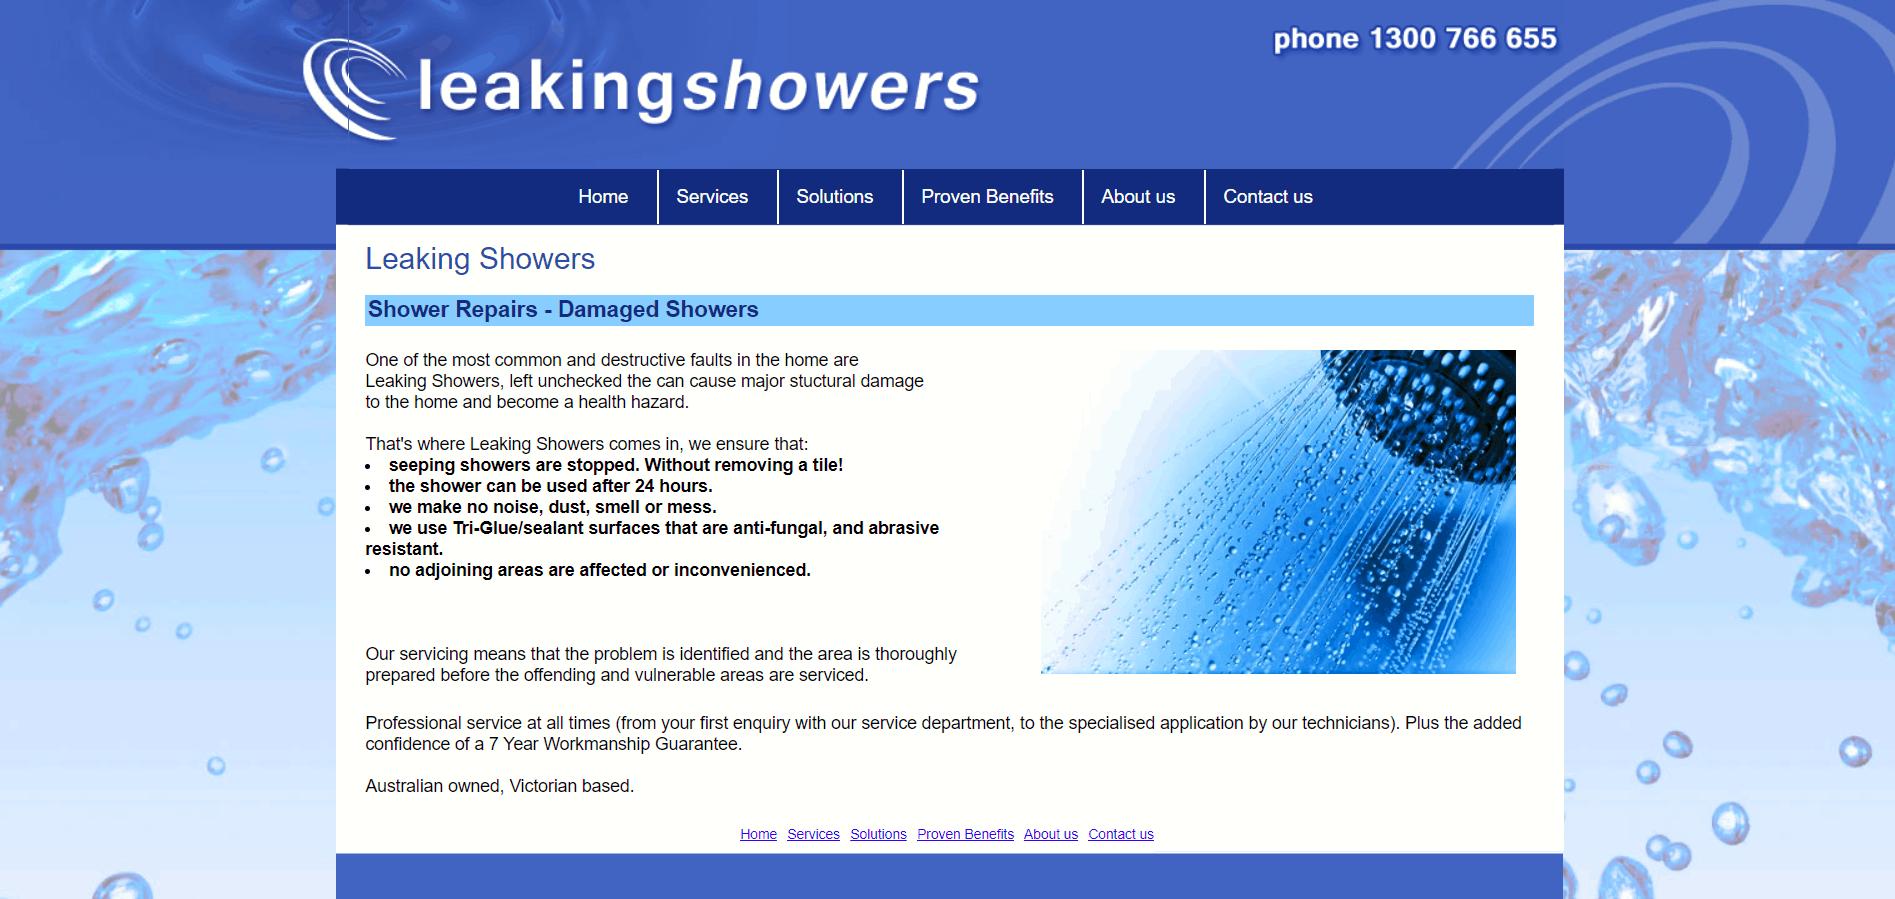 Leakin Showers